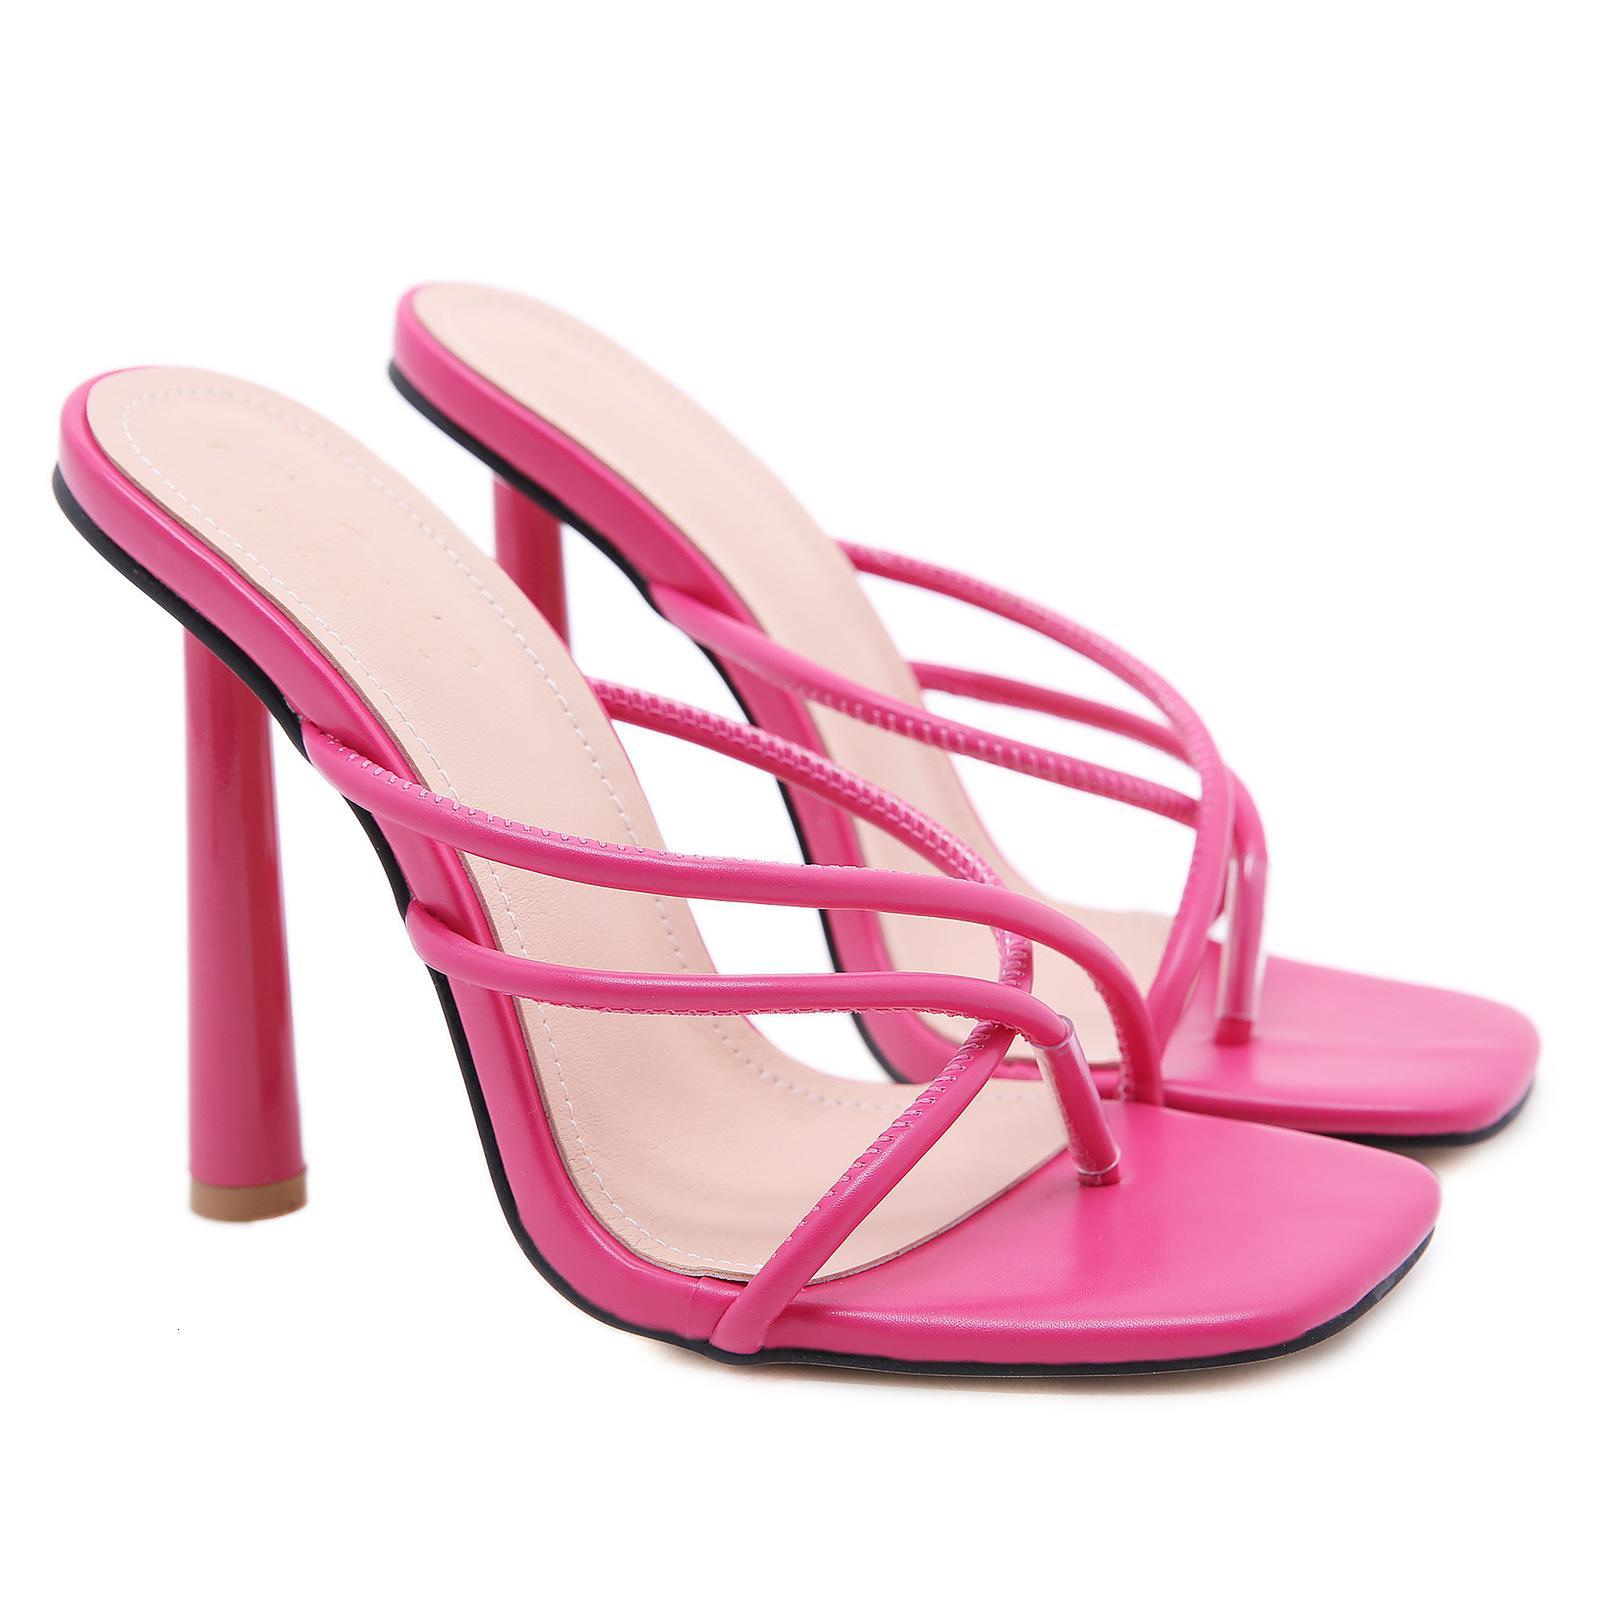 2021 Yeni Yaz Sandalet Seksi Klip Terlik Bayanlar Yüksek Topuklu Kare Açık Toe Slaytlar Parti Ayakkabı Kadınlar Siyah Pembe Kayısı2021 SCQU